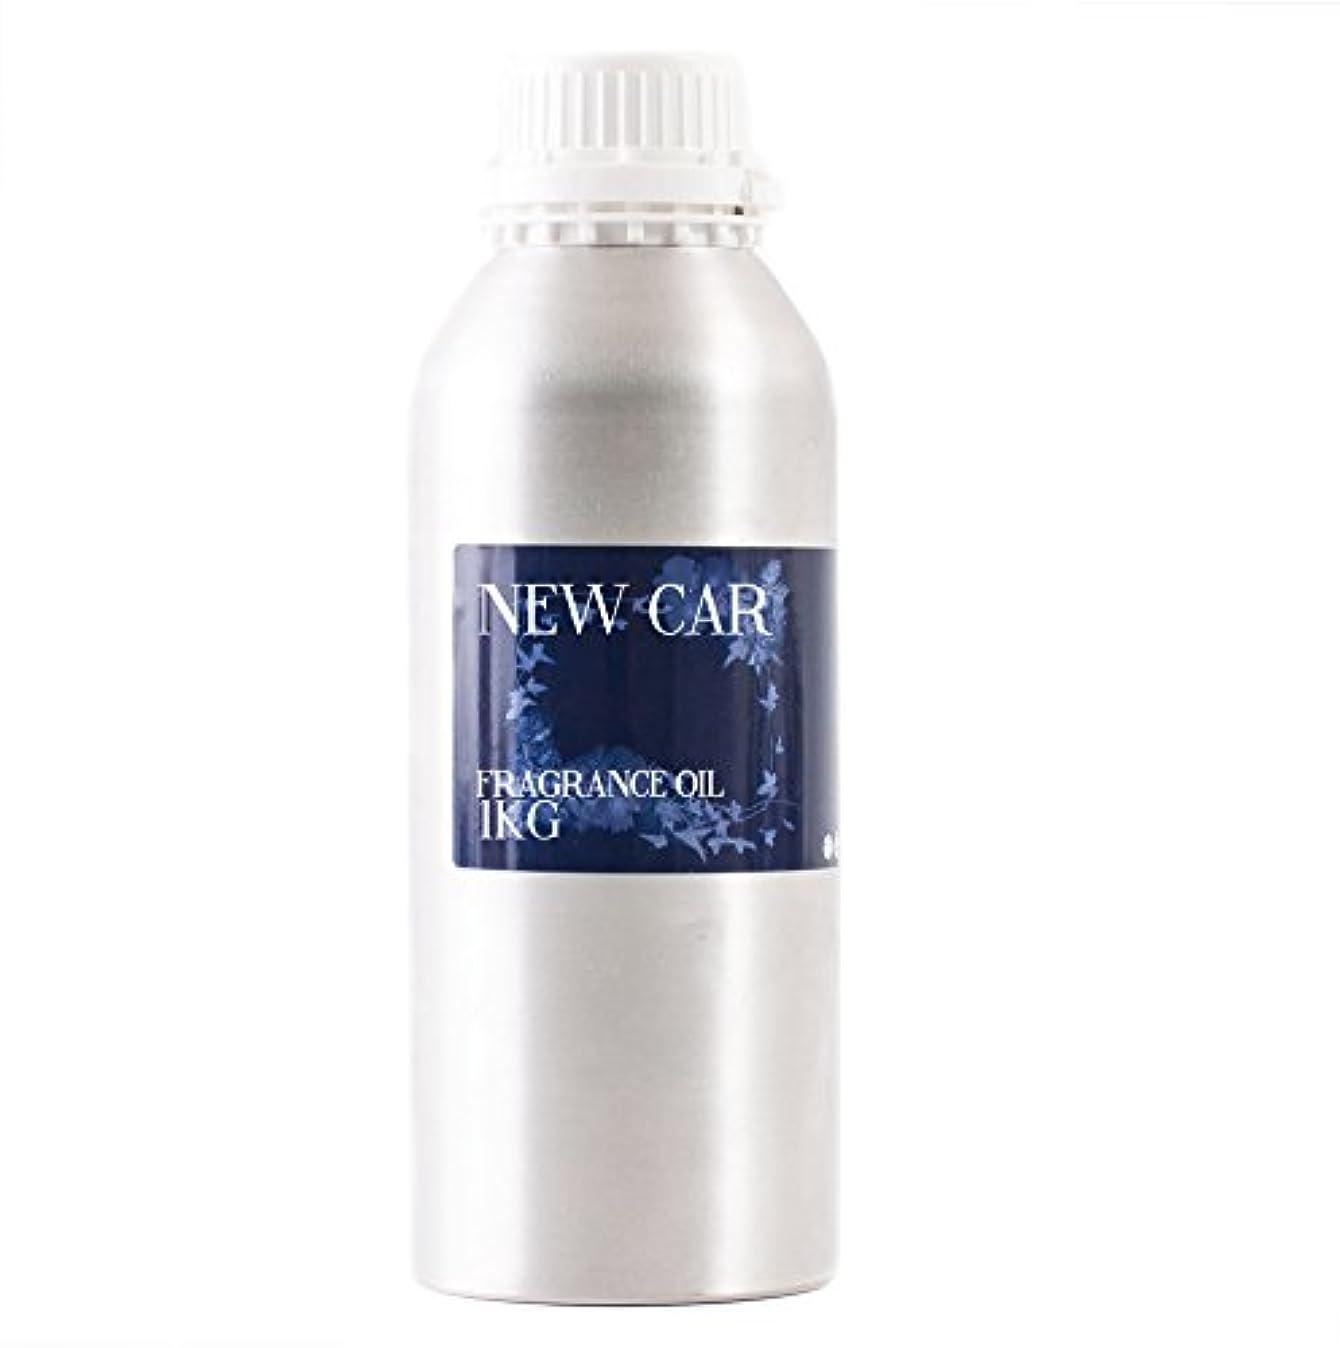 散るテスピアン勉強するMystic Moments | New Car Fragrance Oil - 1Kg